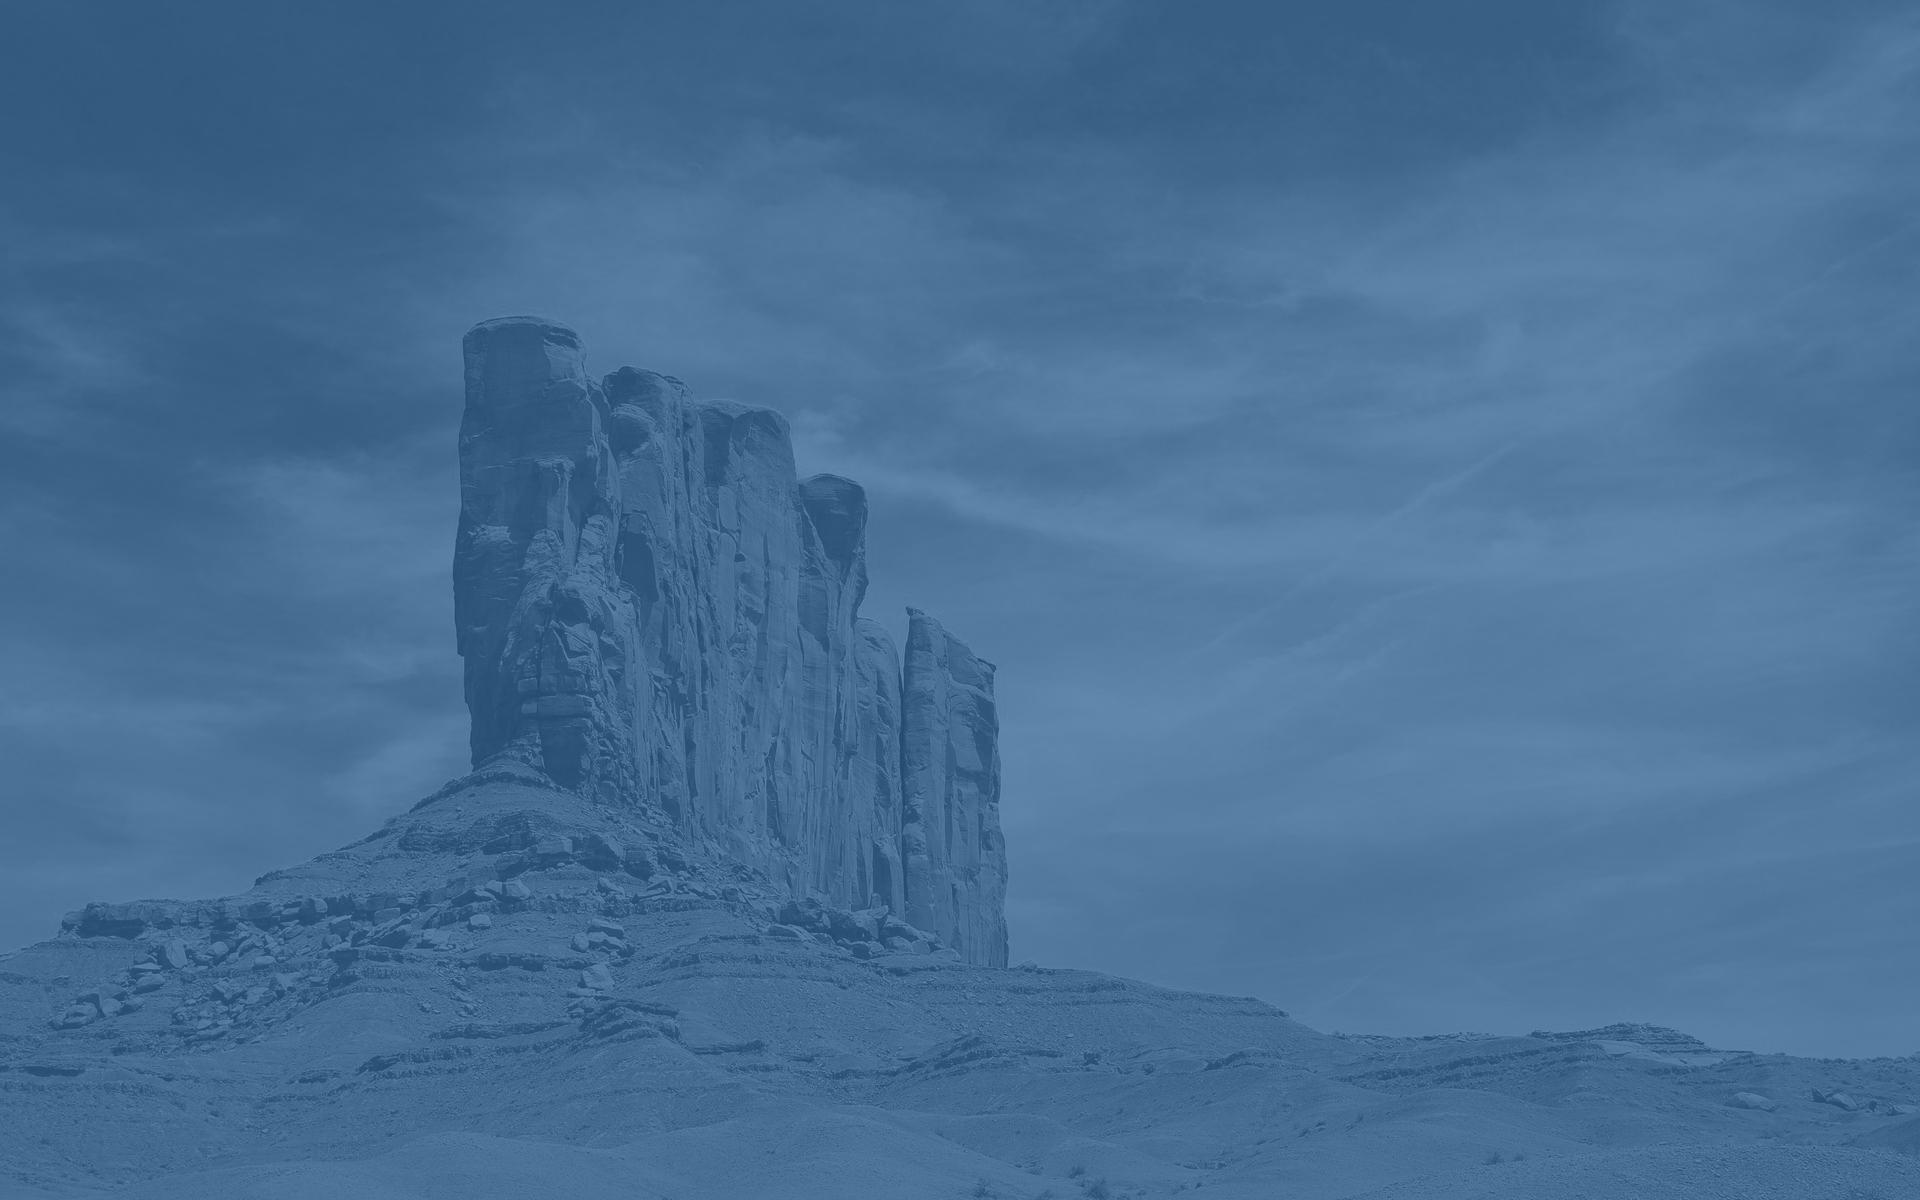 Se perdre dans le désert - Avantages et inconvénients GsrCha